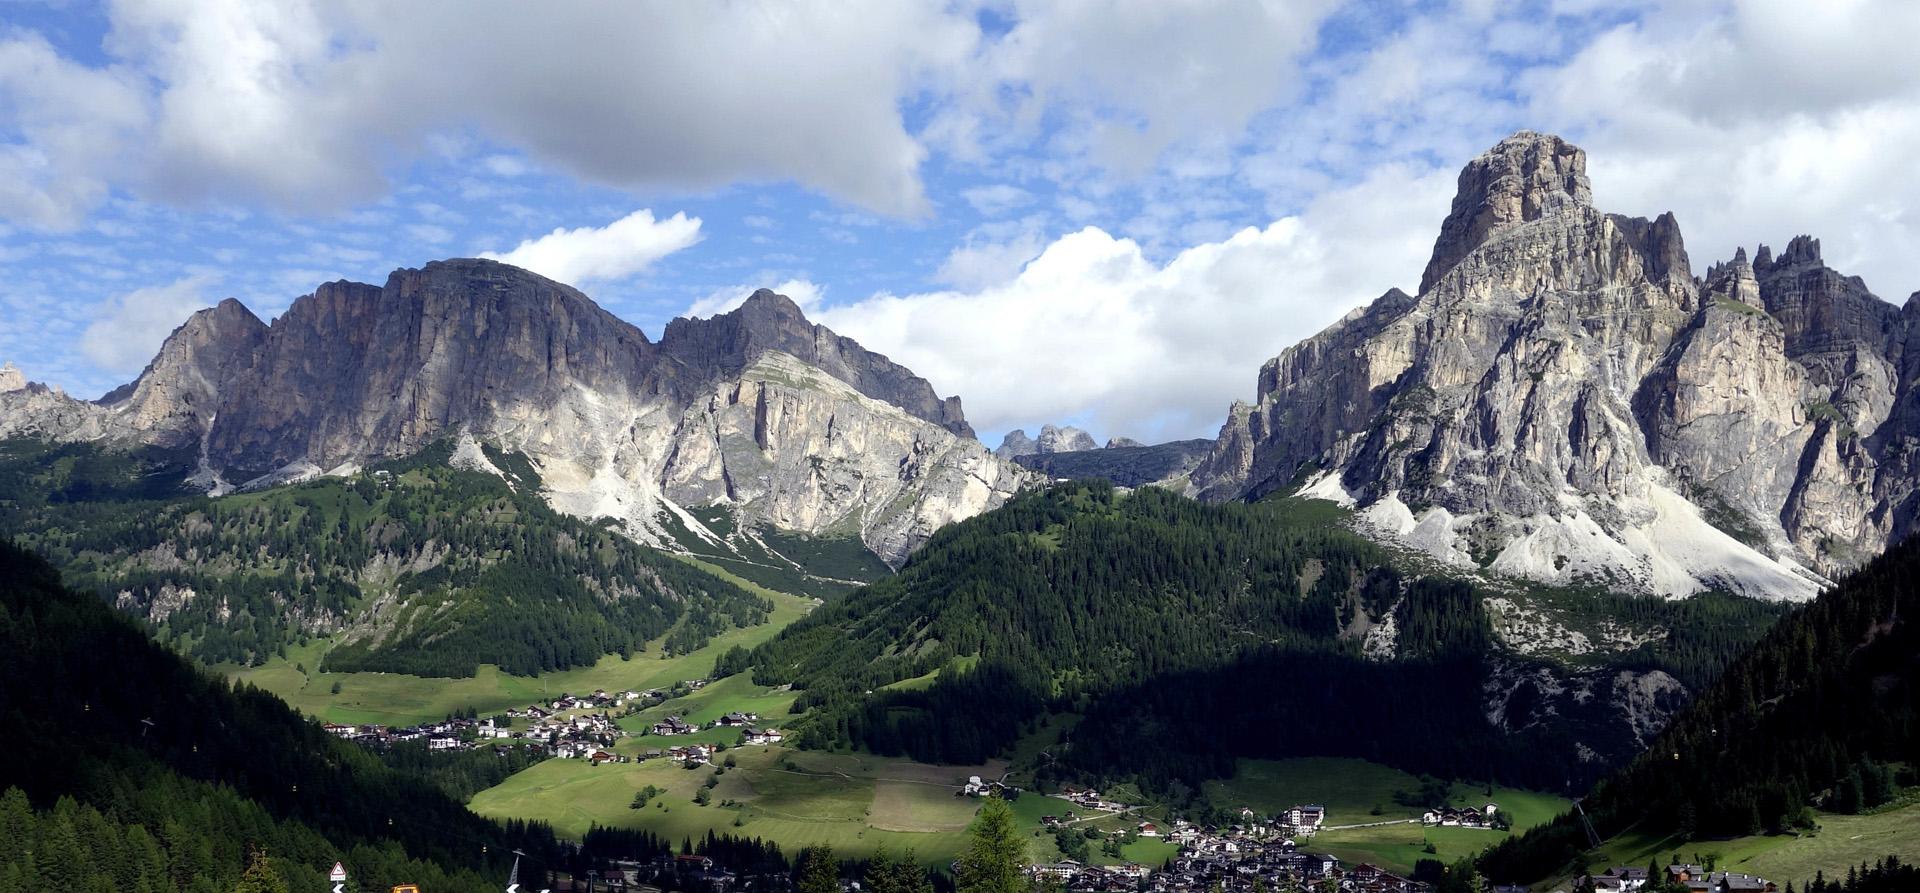 Sassongher e Sas Ciampac  Alta Badia